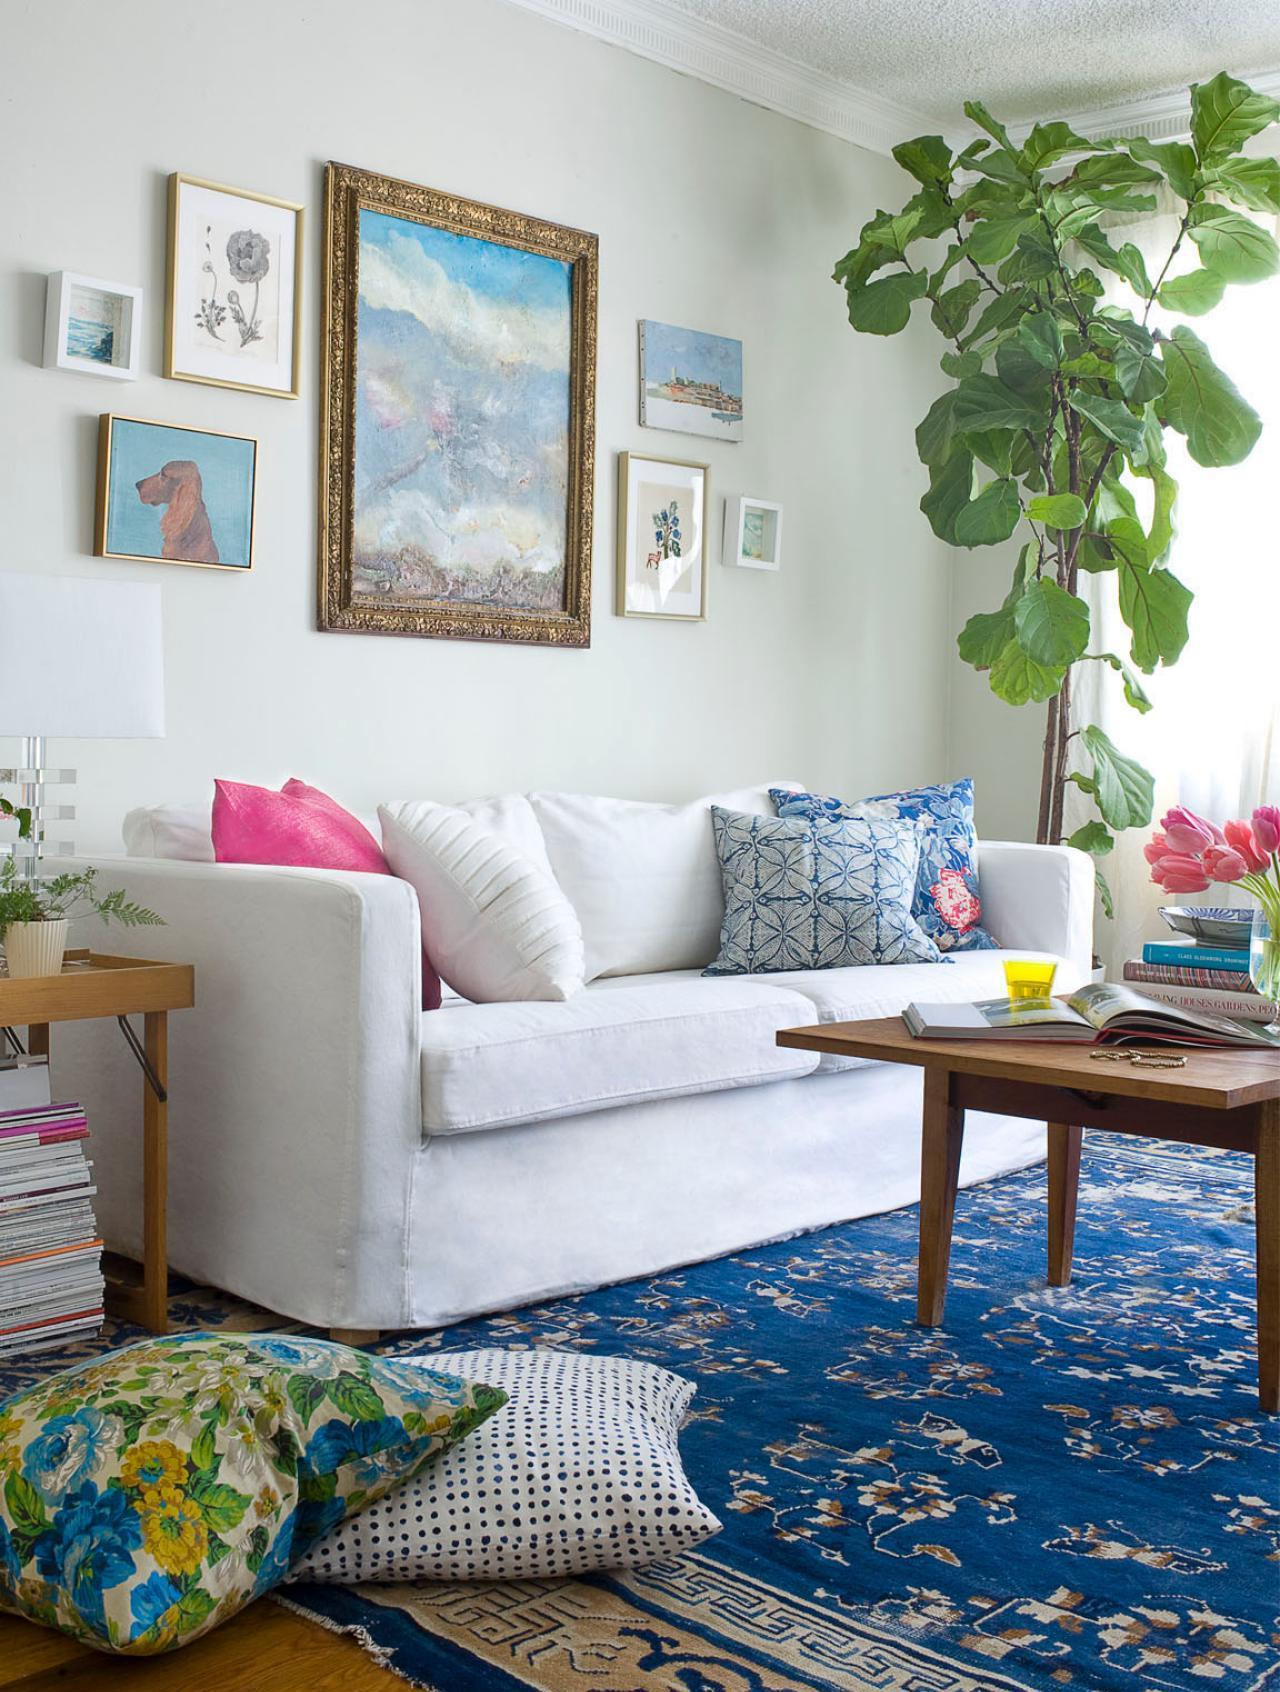 Гостиная в стиле бохо с красивыми синими элементами